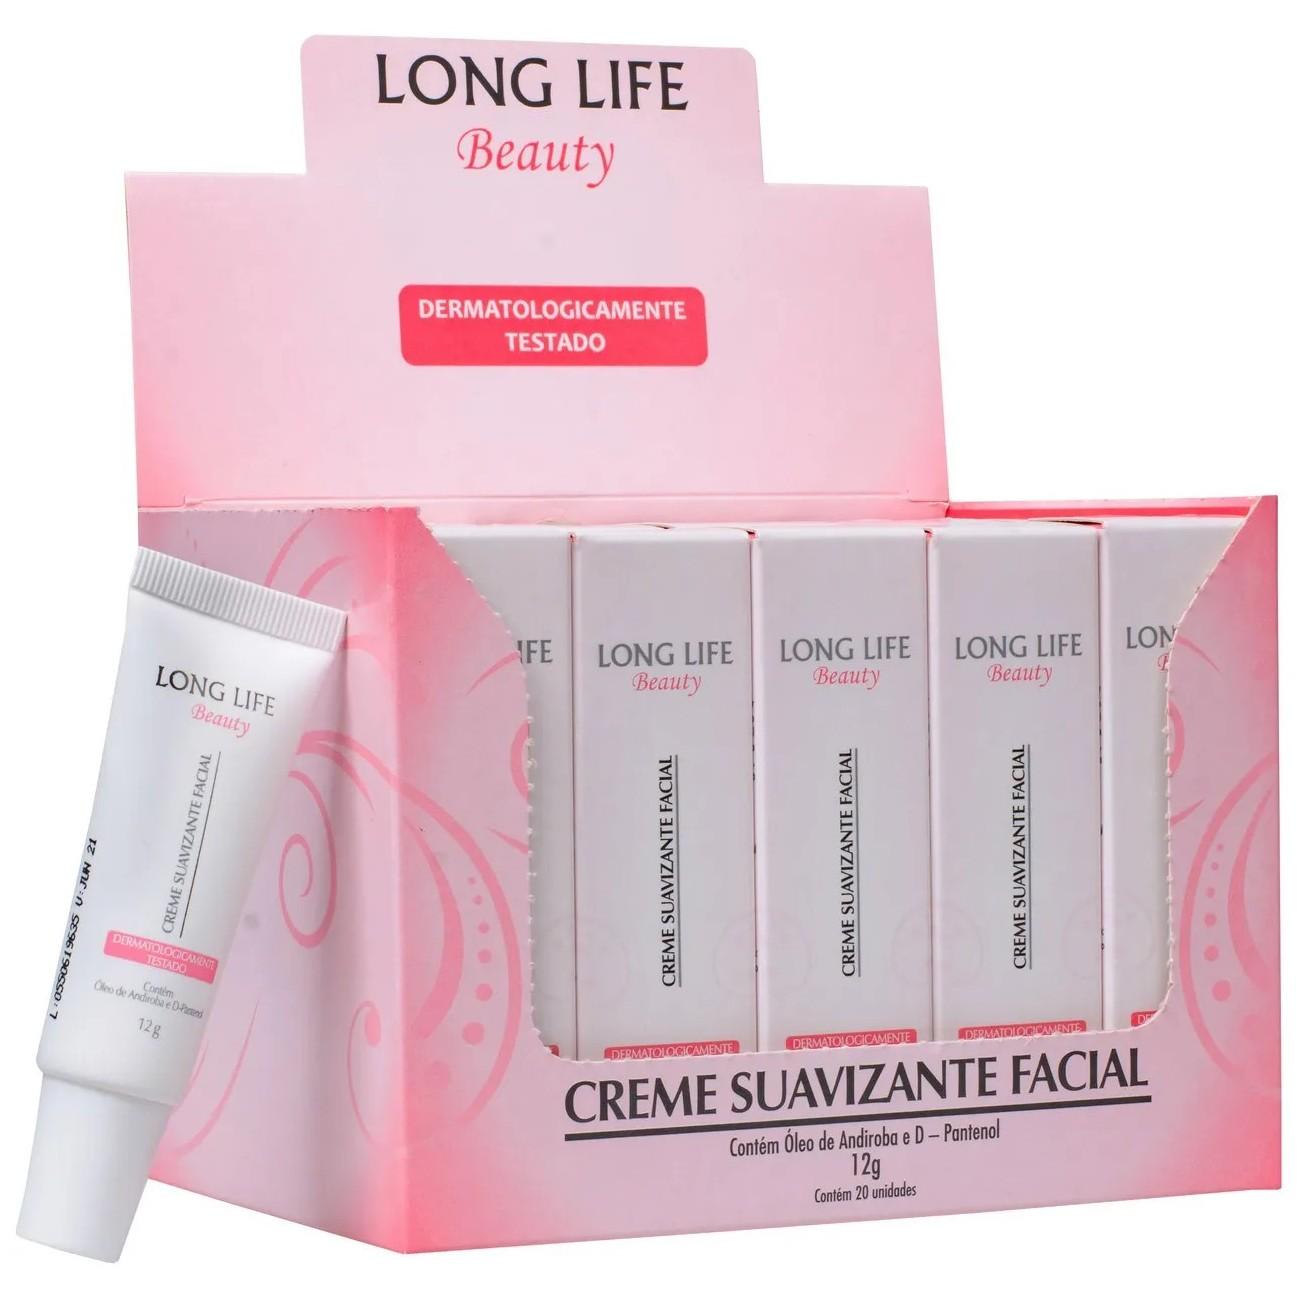 40un Tratamento Pos Micropigmentacao Creme Suavizante Facial Long Life - 12g